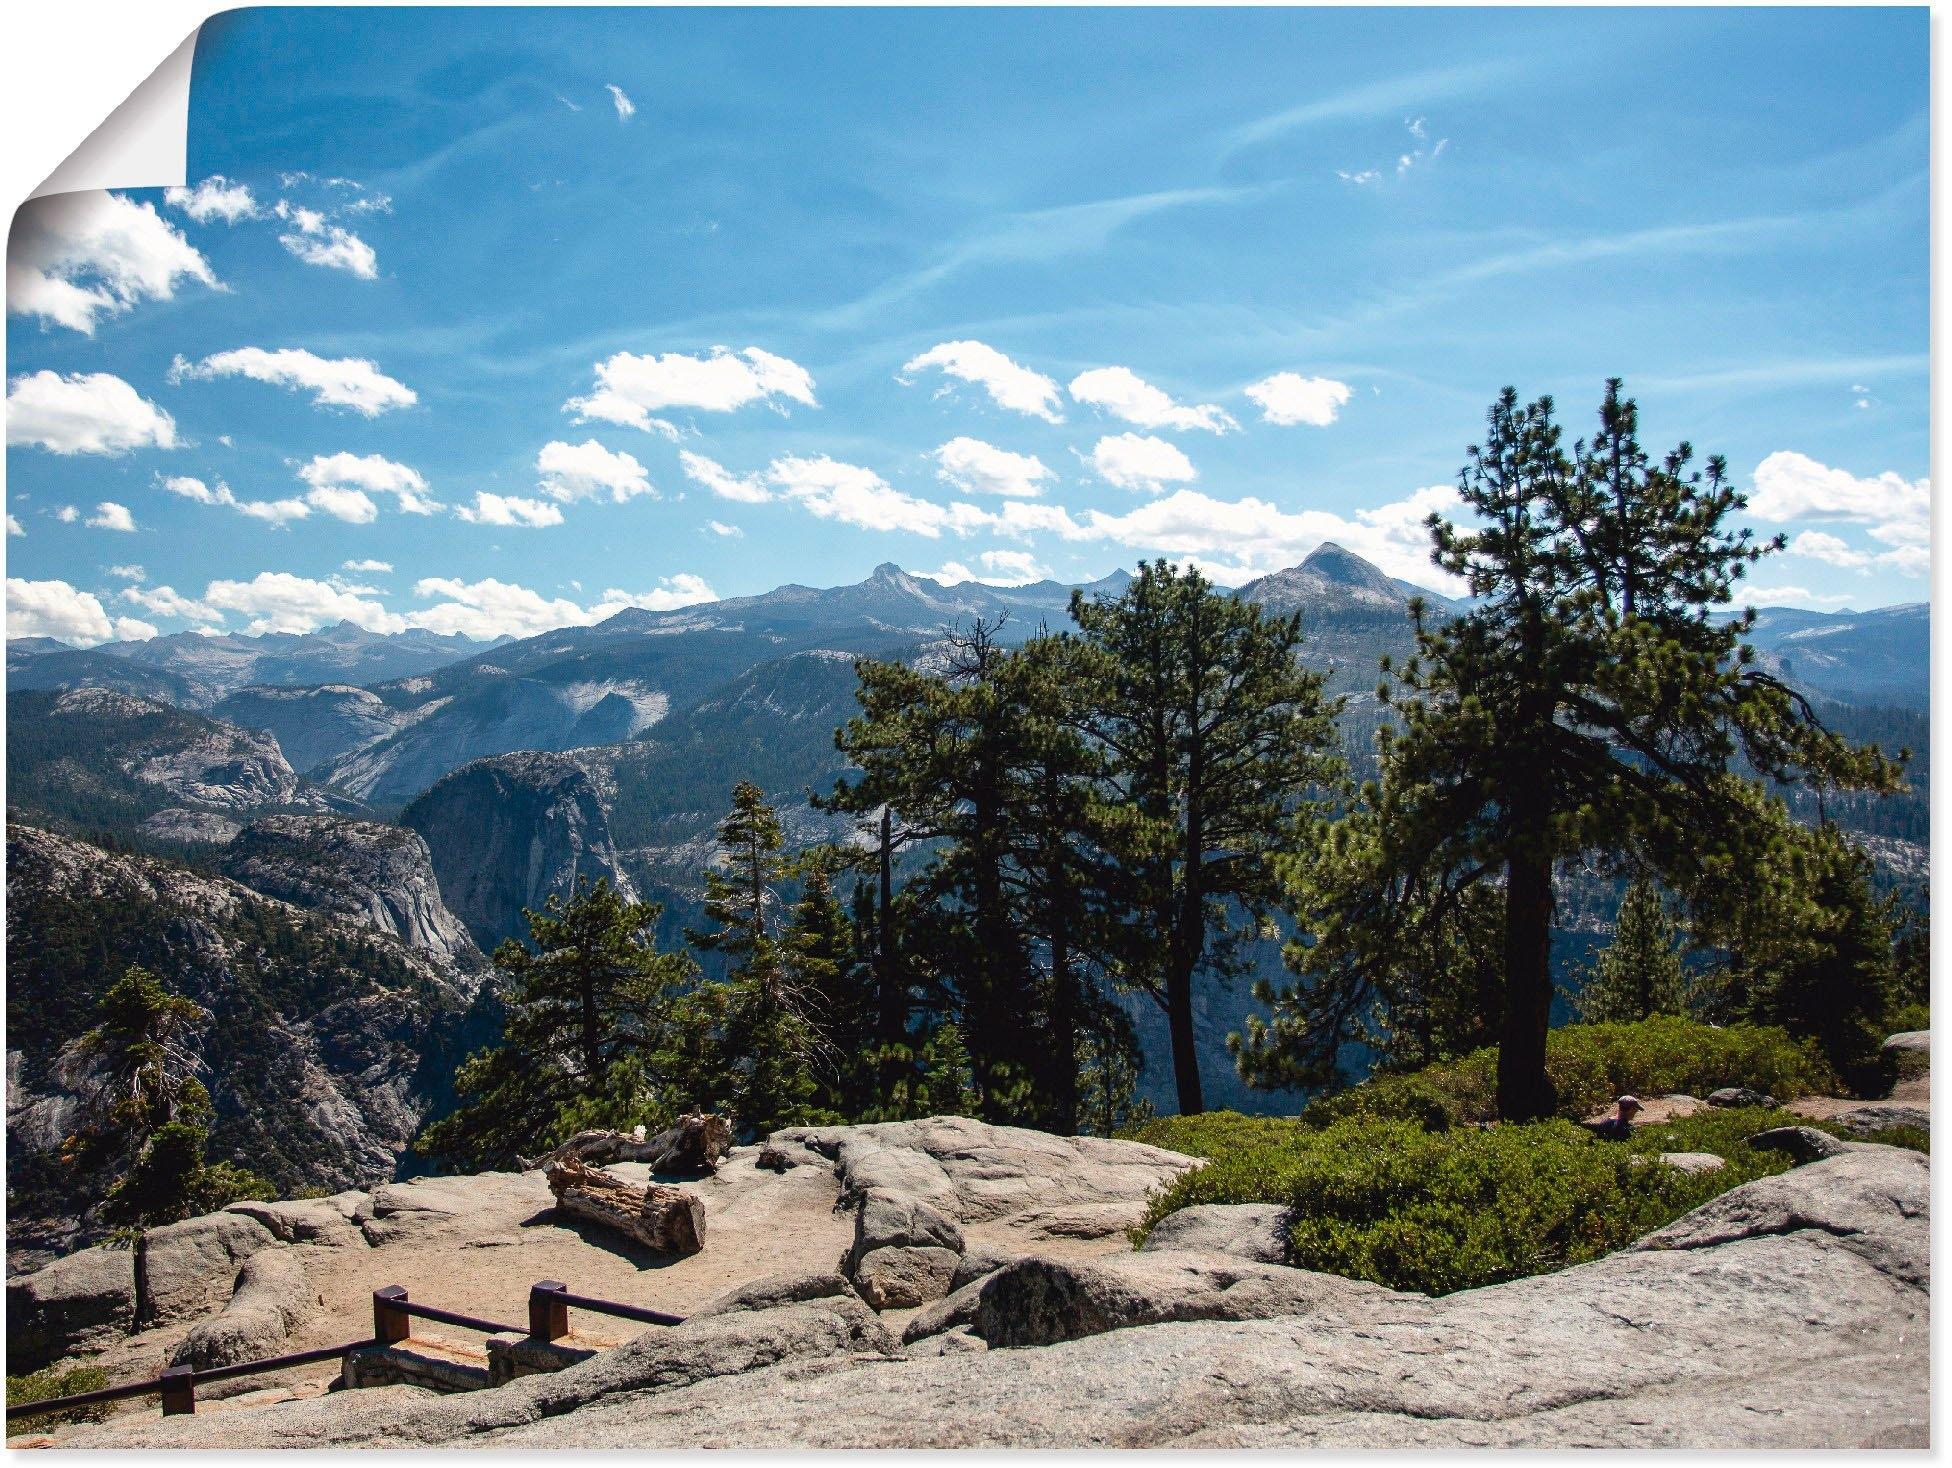 Artland Artprint Yosemite in vele afmetingen & productsoorten -artprint op linnen, poster, muursticker / wandfolie ook geschikt voor de badkamer (1 stuk) bij OTTO online kopen